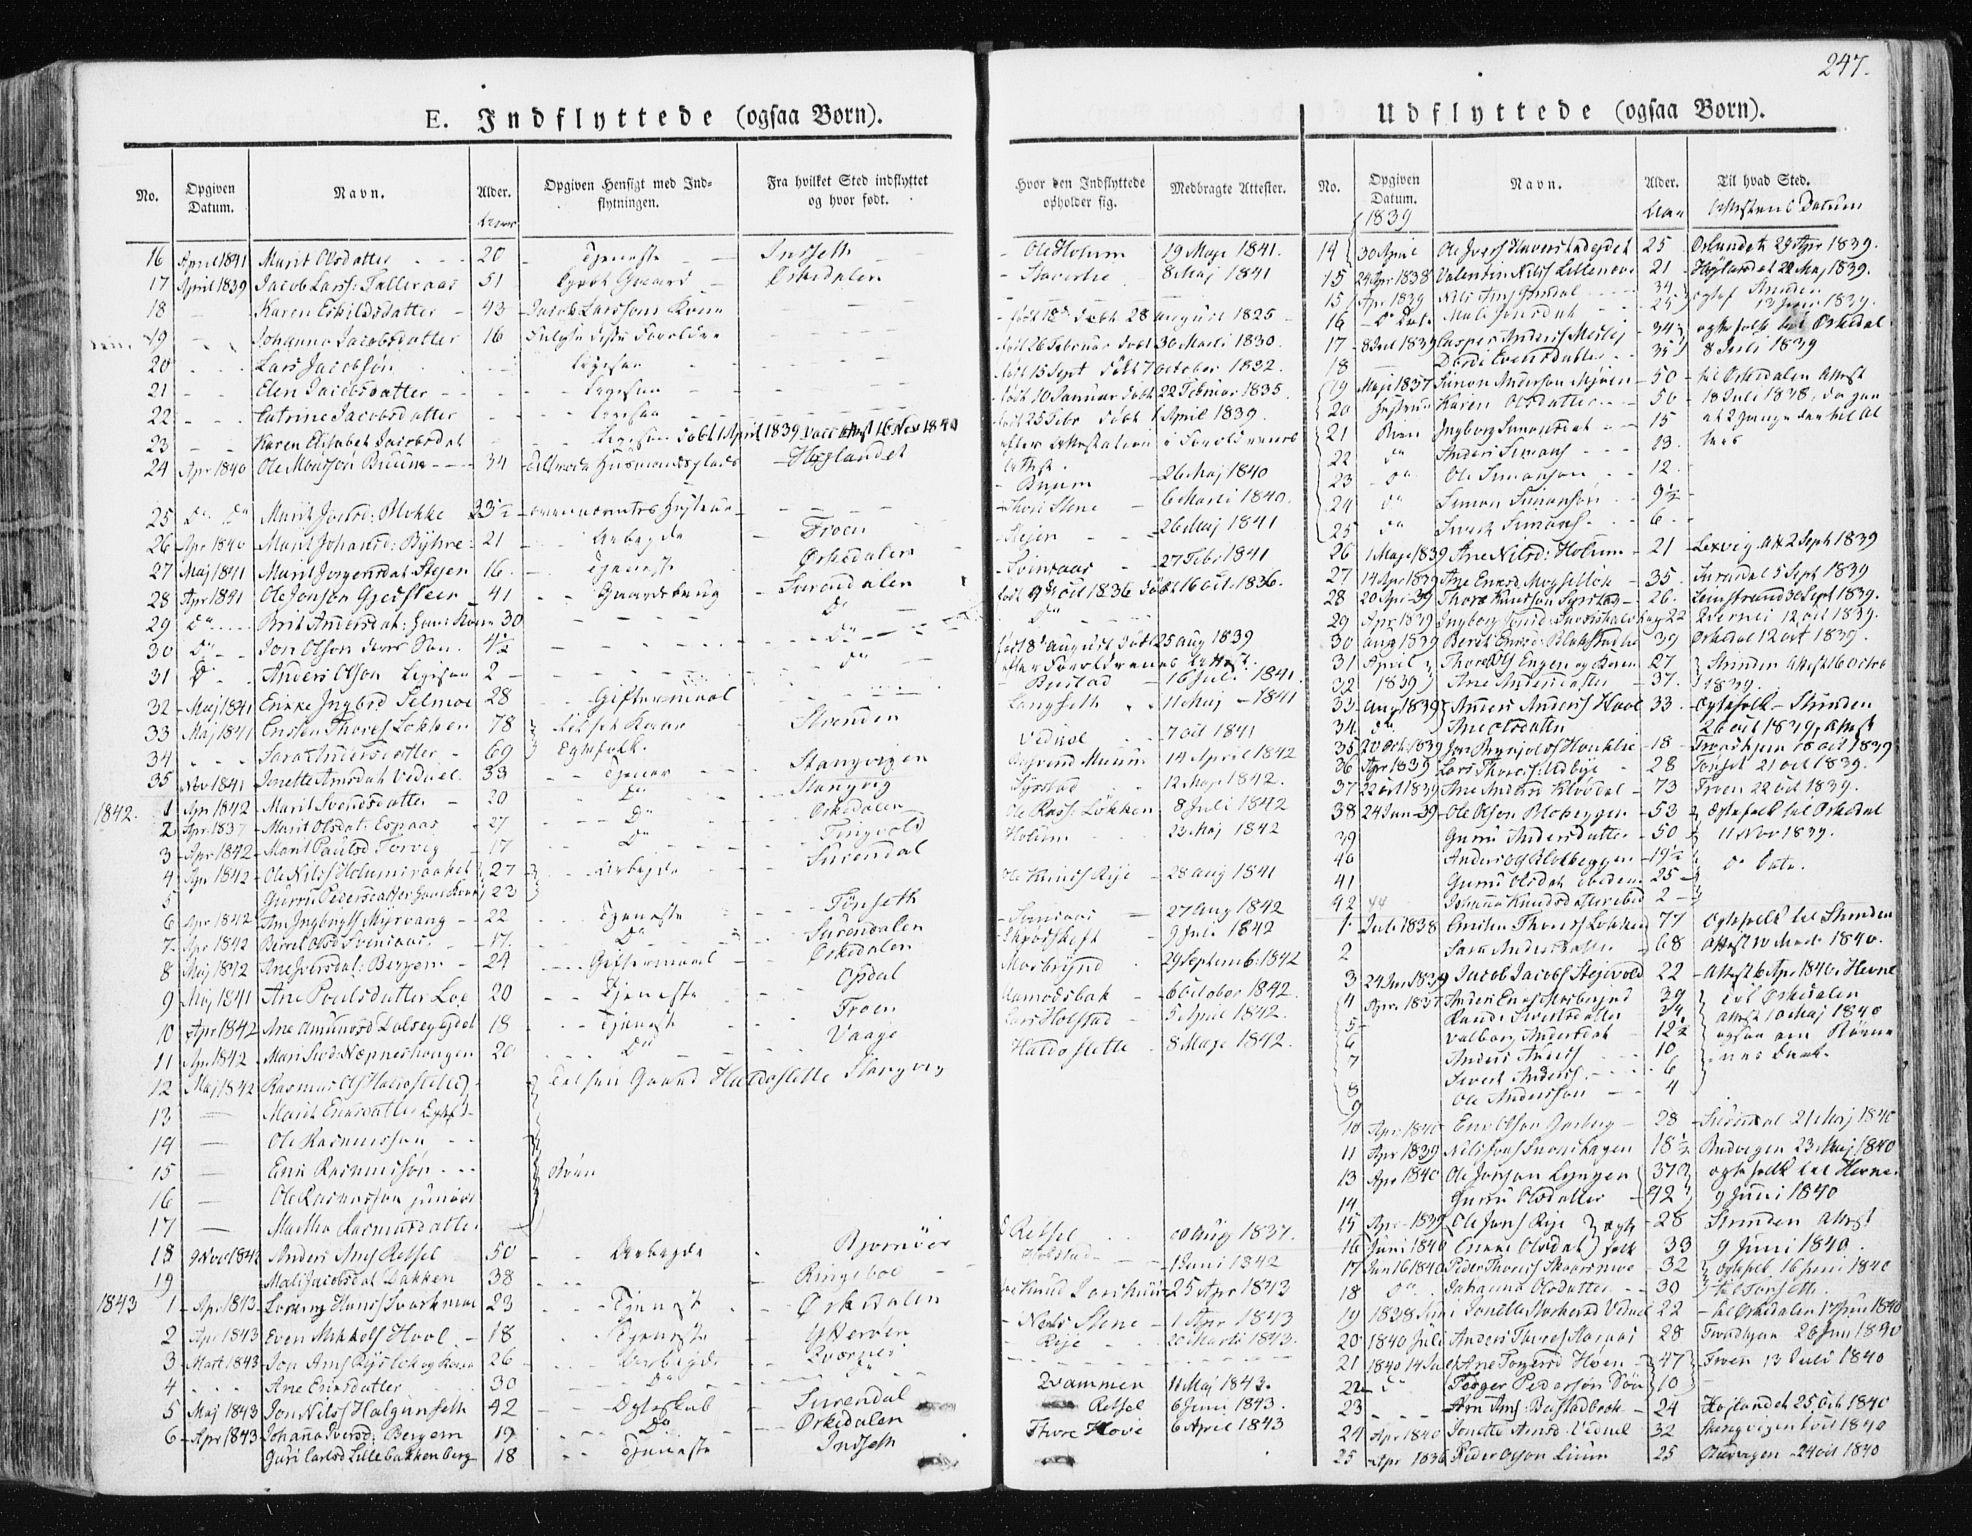 SAT, Ministerialprotokoller, klokkerbøker og fødselsregistre - Sør-Trøndelag, 672/L0855: Ministerialbok nr. 672A07, 1829-1860, s. 247